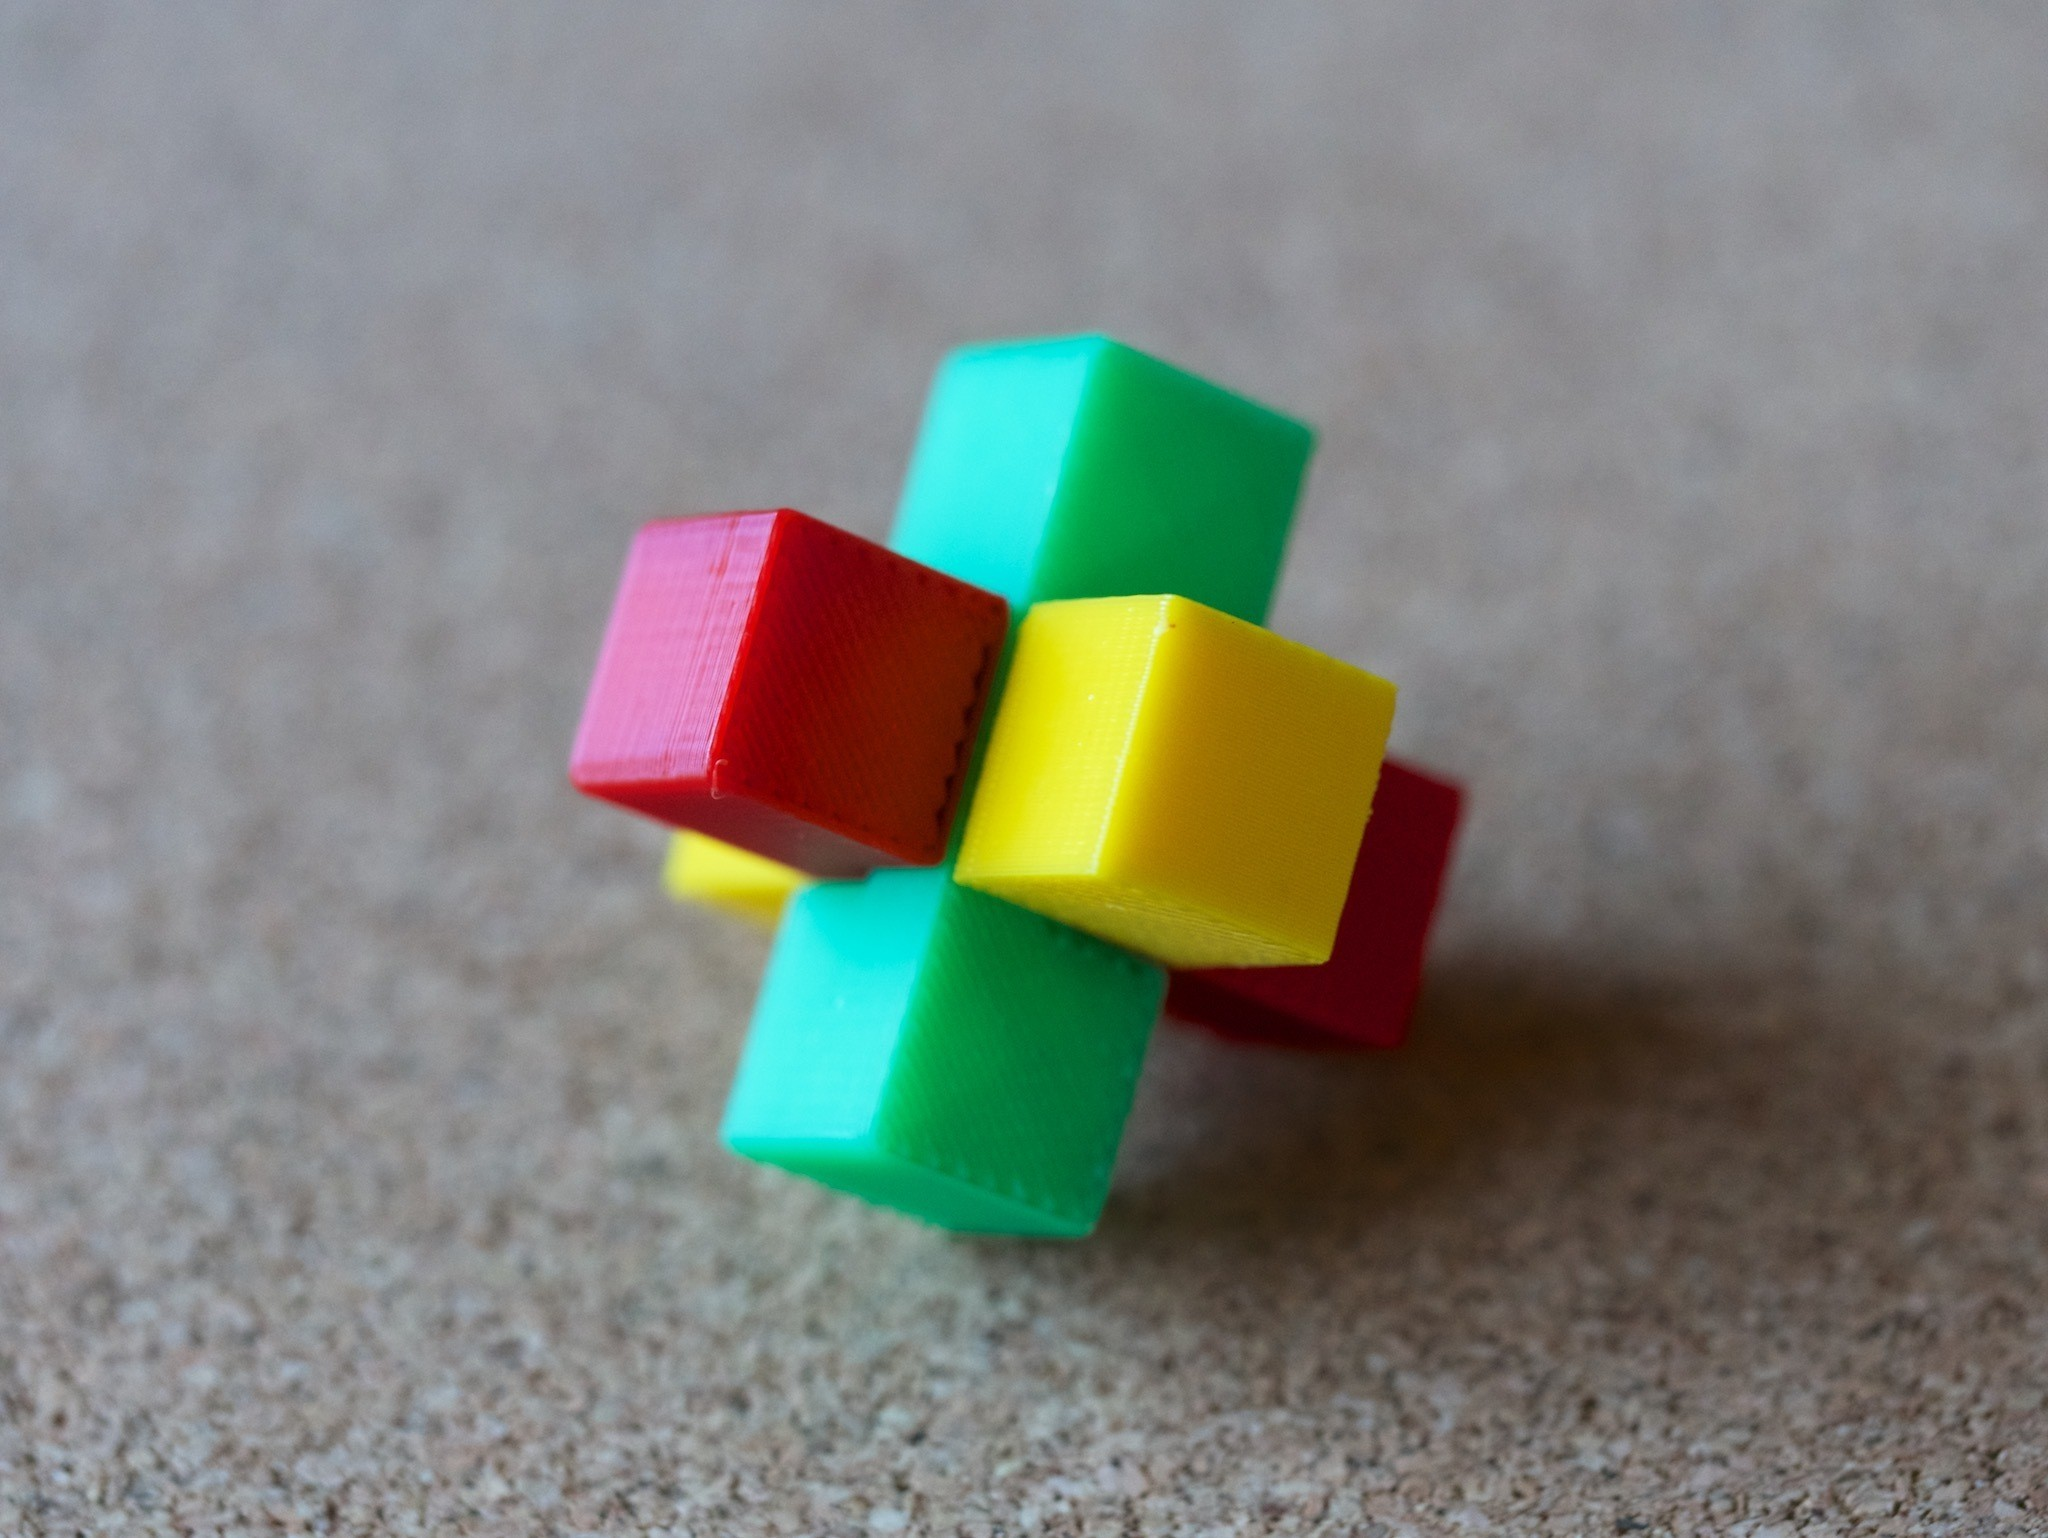 3pzlR_02.jpg Download free STL file 3 piece puzzle (R) • 3D print template, bs3